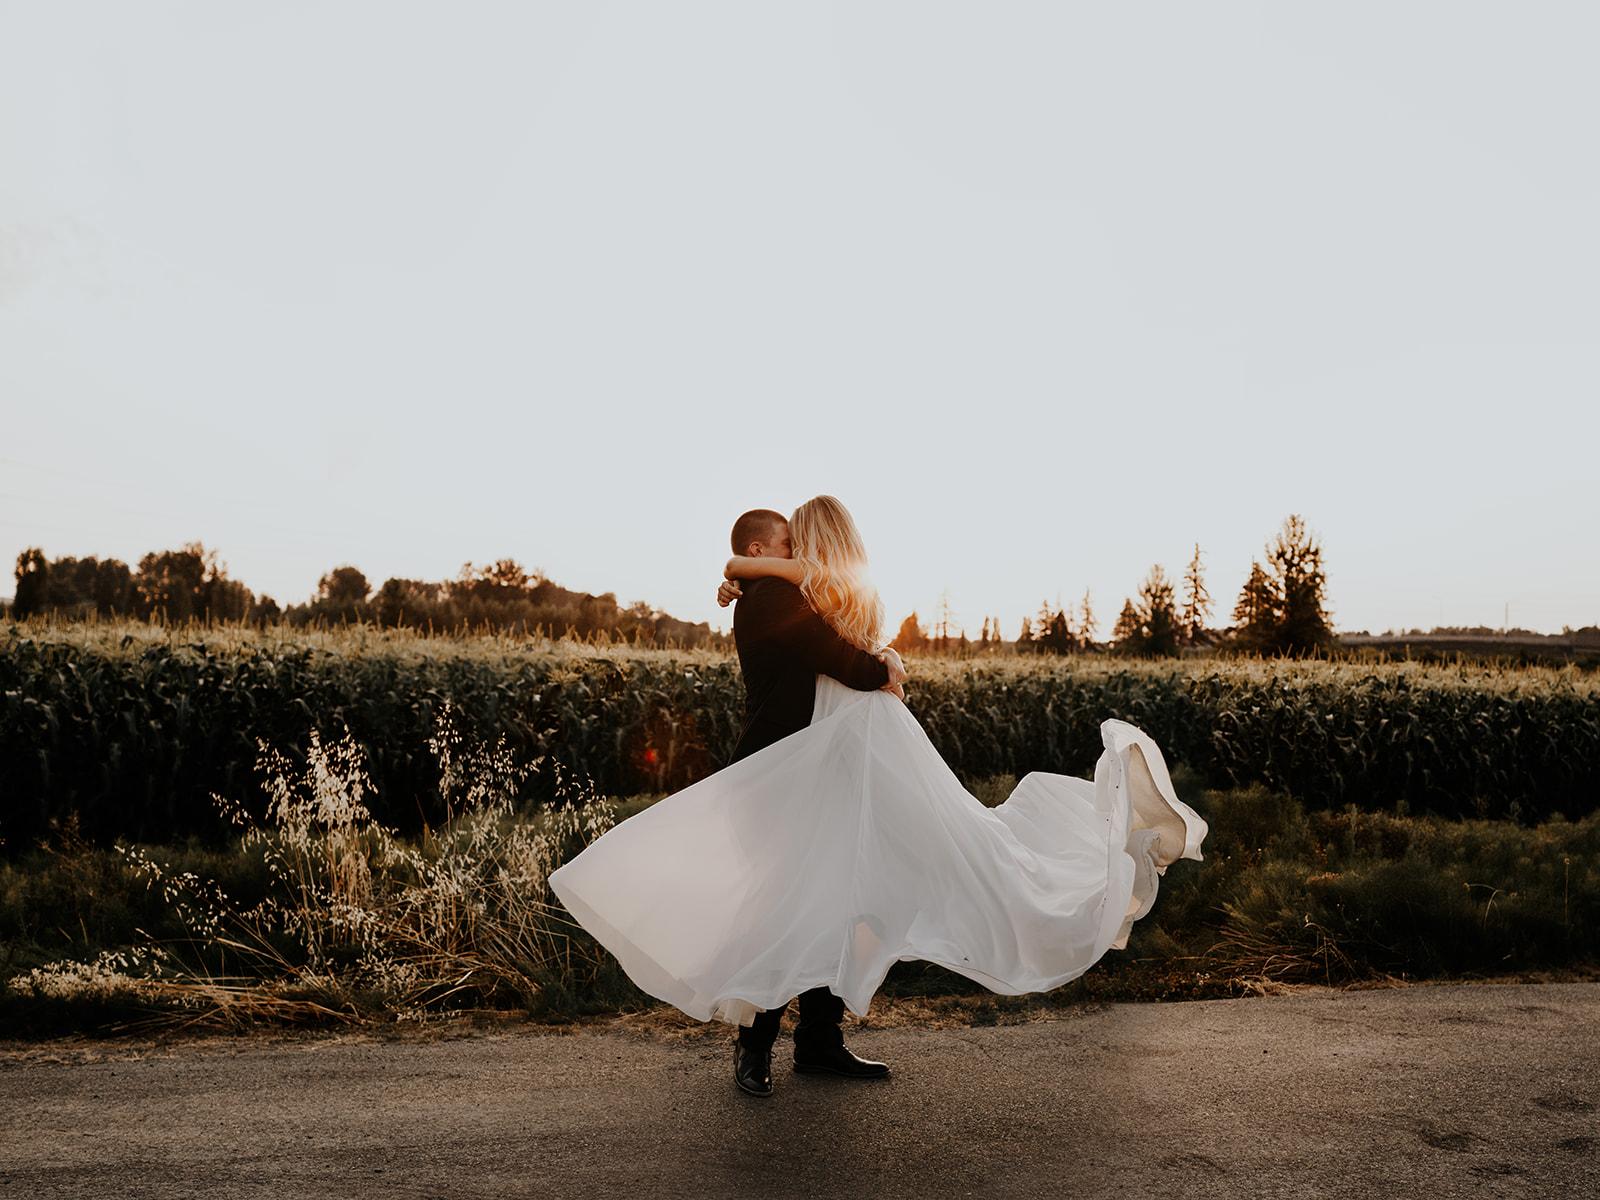 ginapaulson_larabryce_wedding-1040.jpg